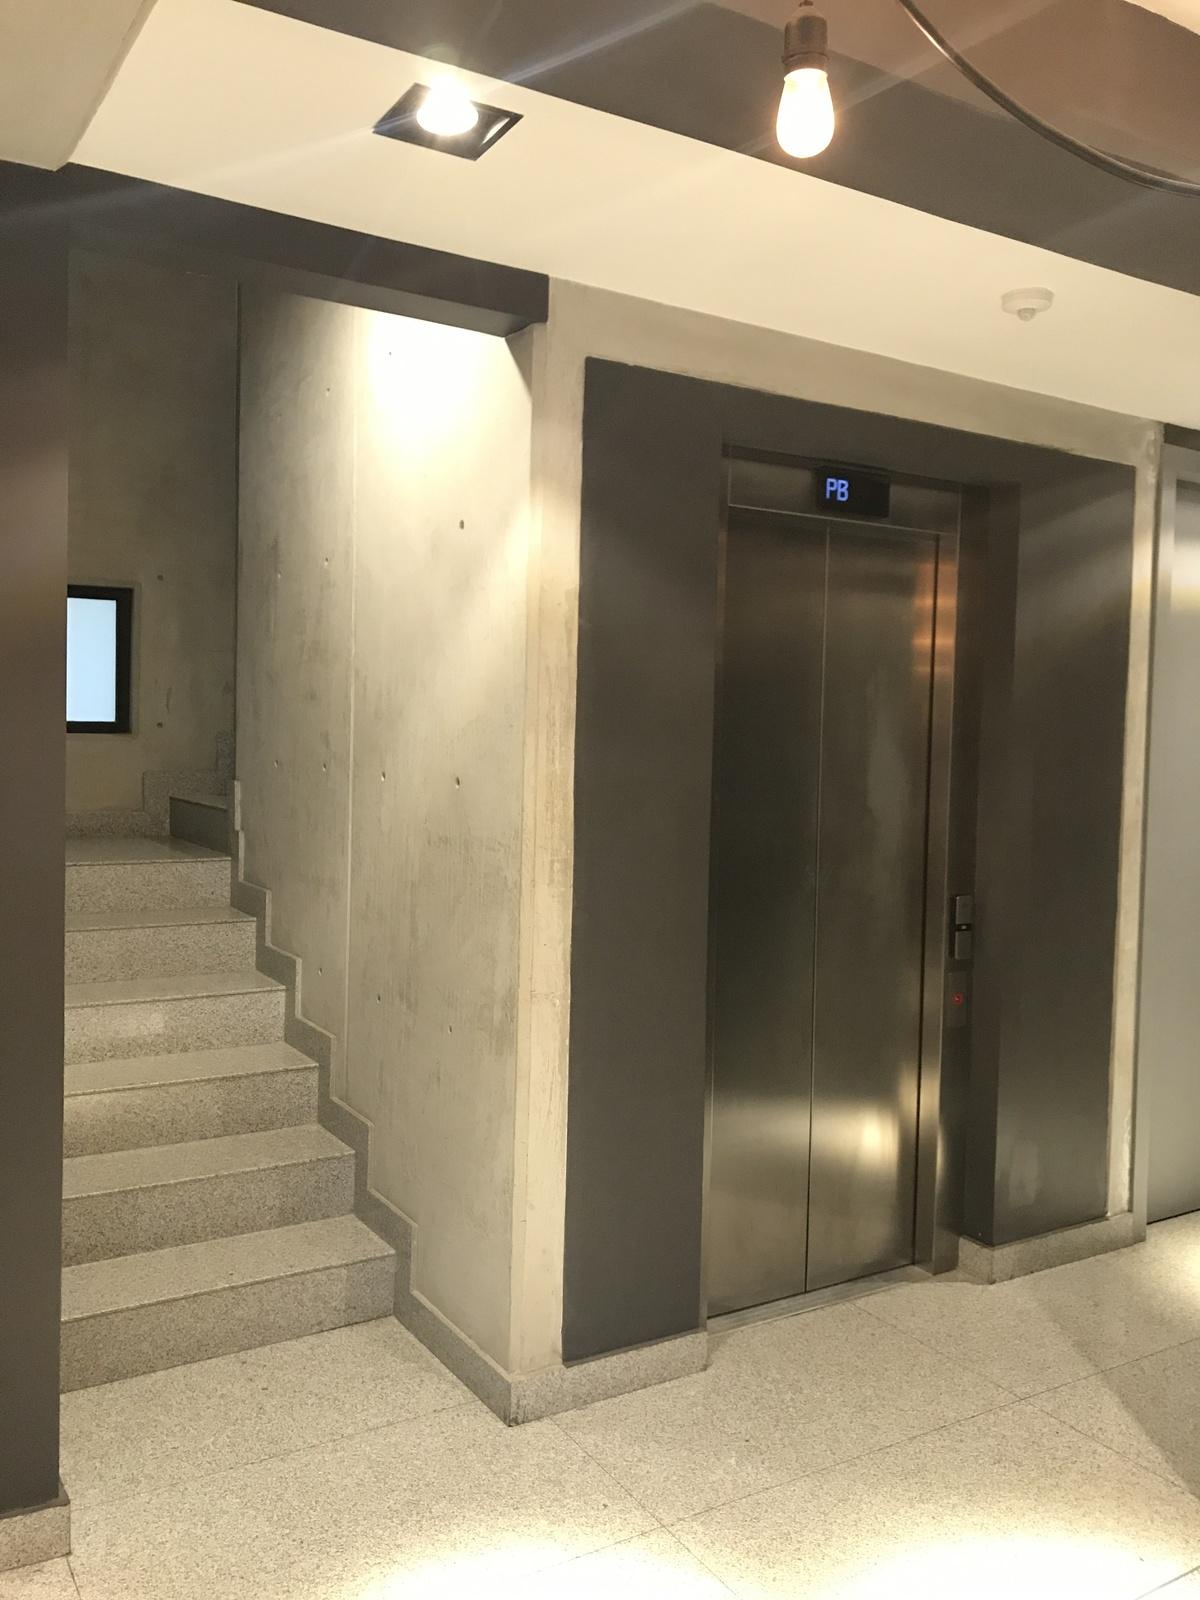 18 de 18: Escaleras del Edificio